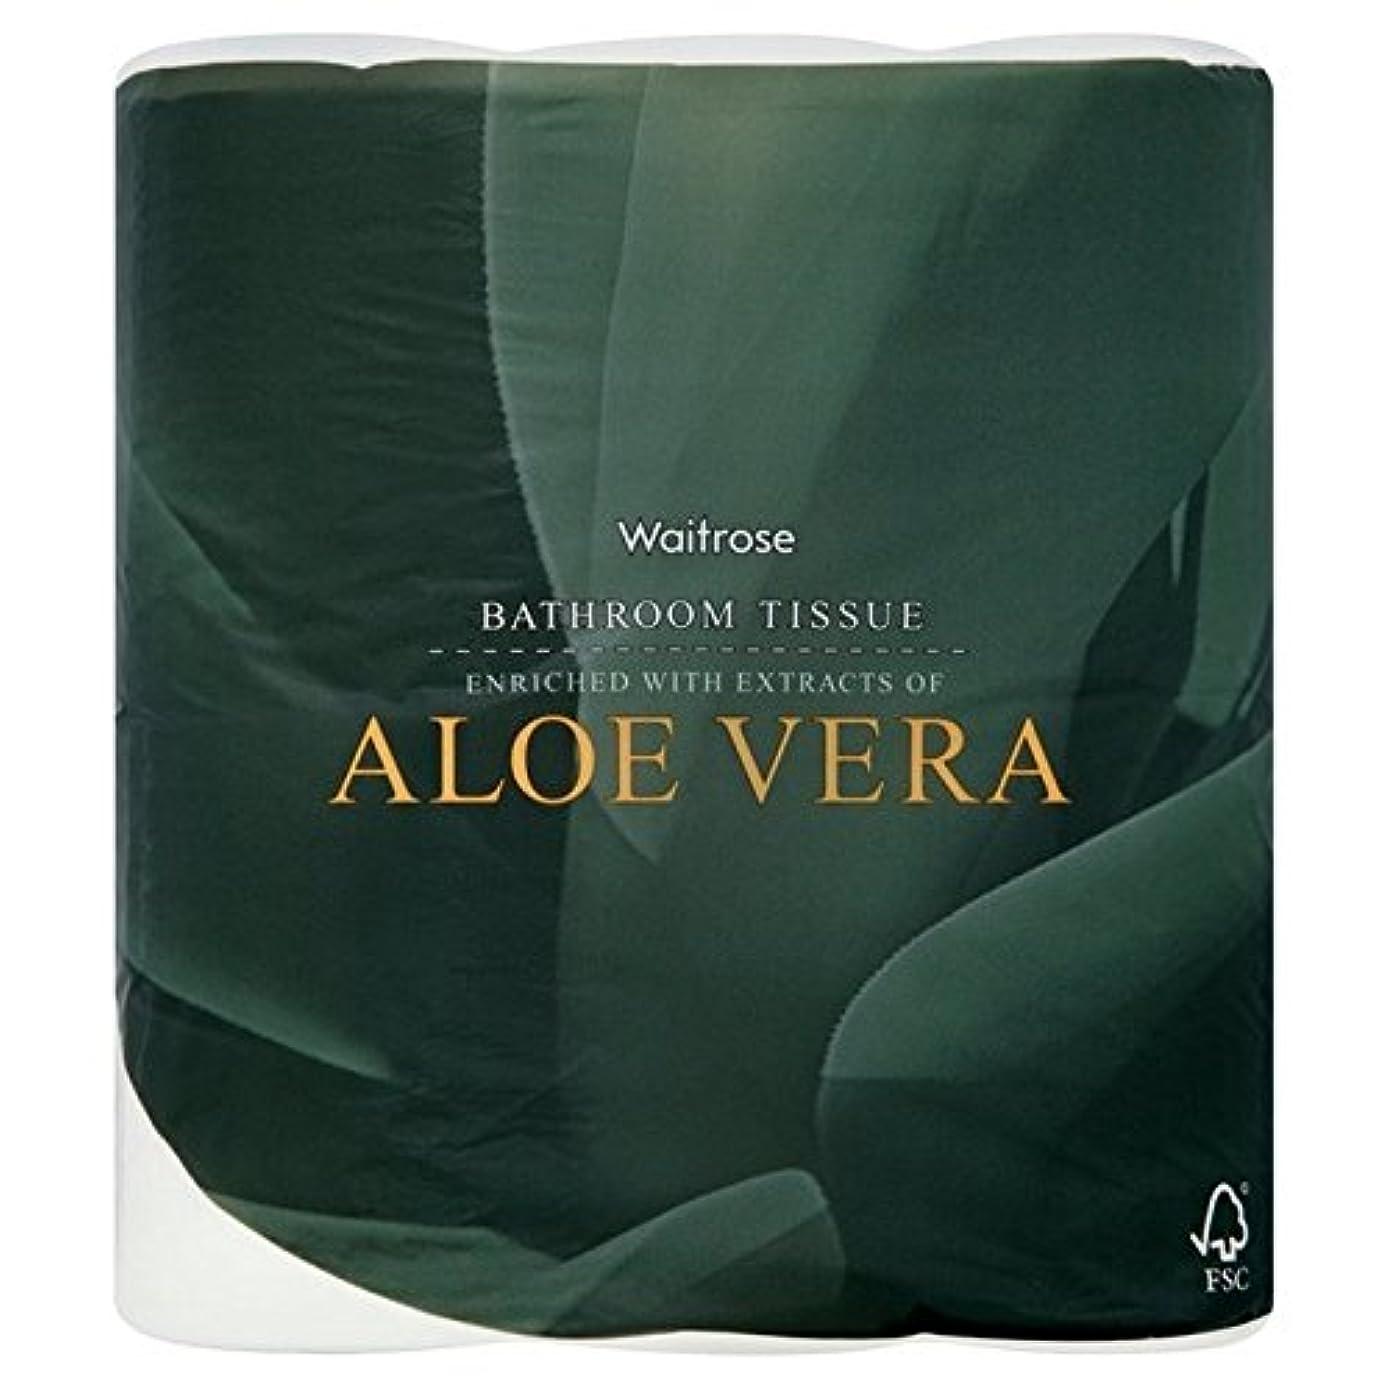 ファランクスリハーサル相続人Aloe Vera Bathroom Tissue White Waitrose 4 per pack - パックあたりアロエベラ浴室組織白ウェイトローズ4 [並行輸入品]